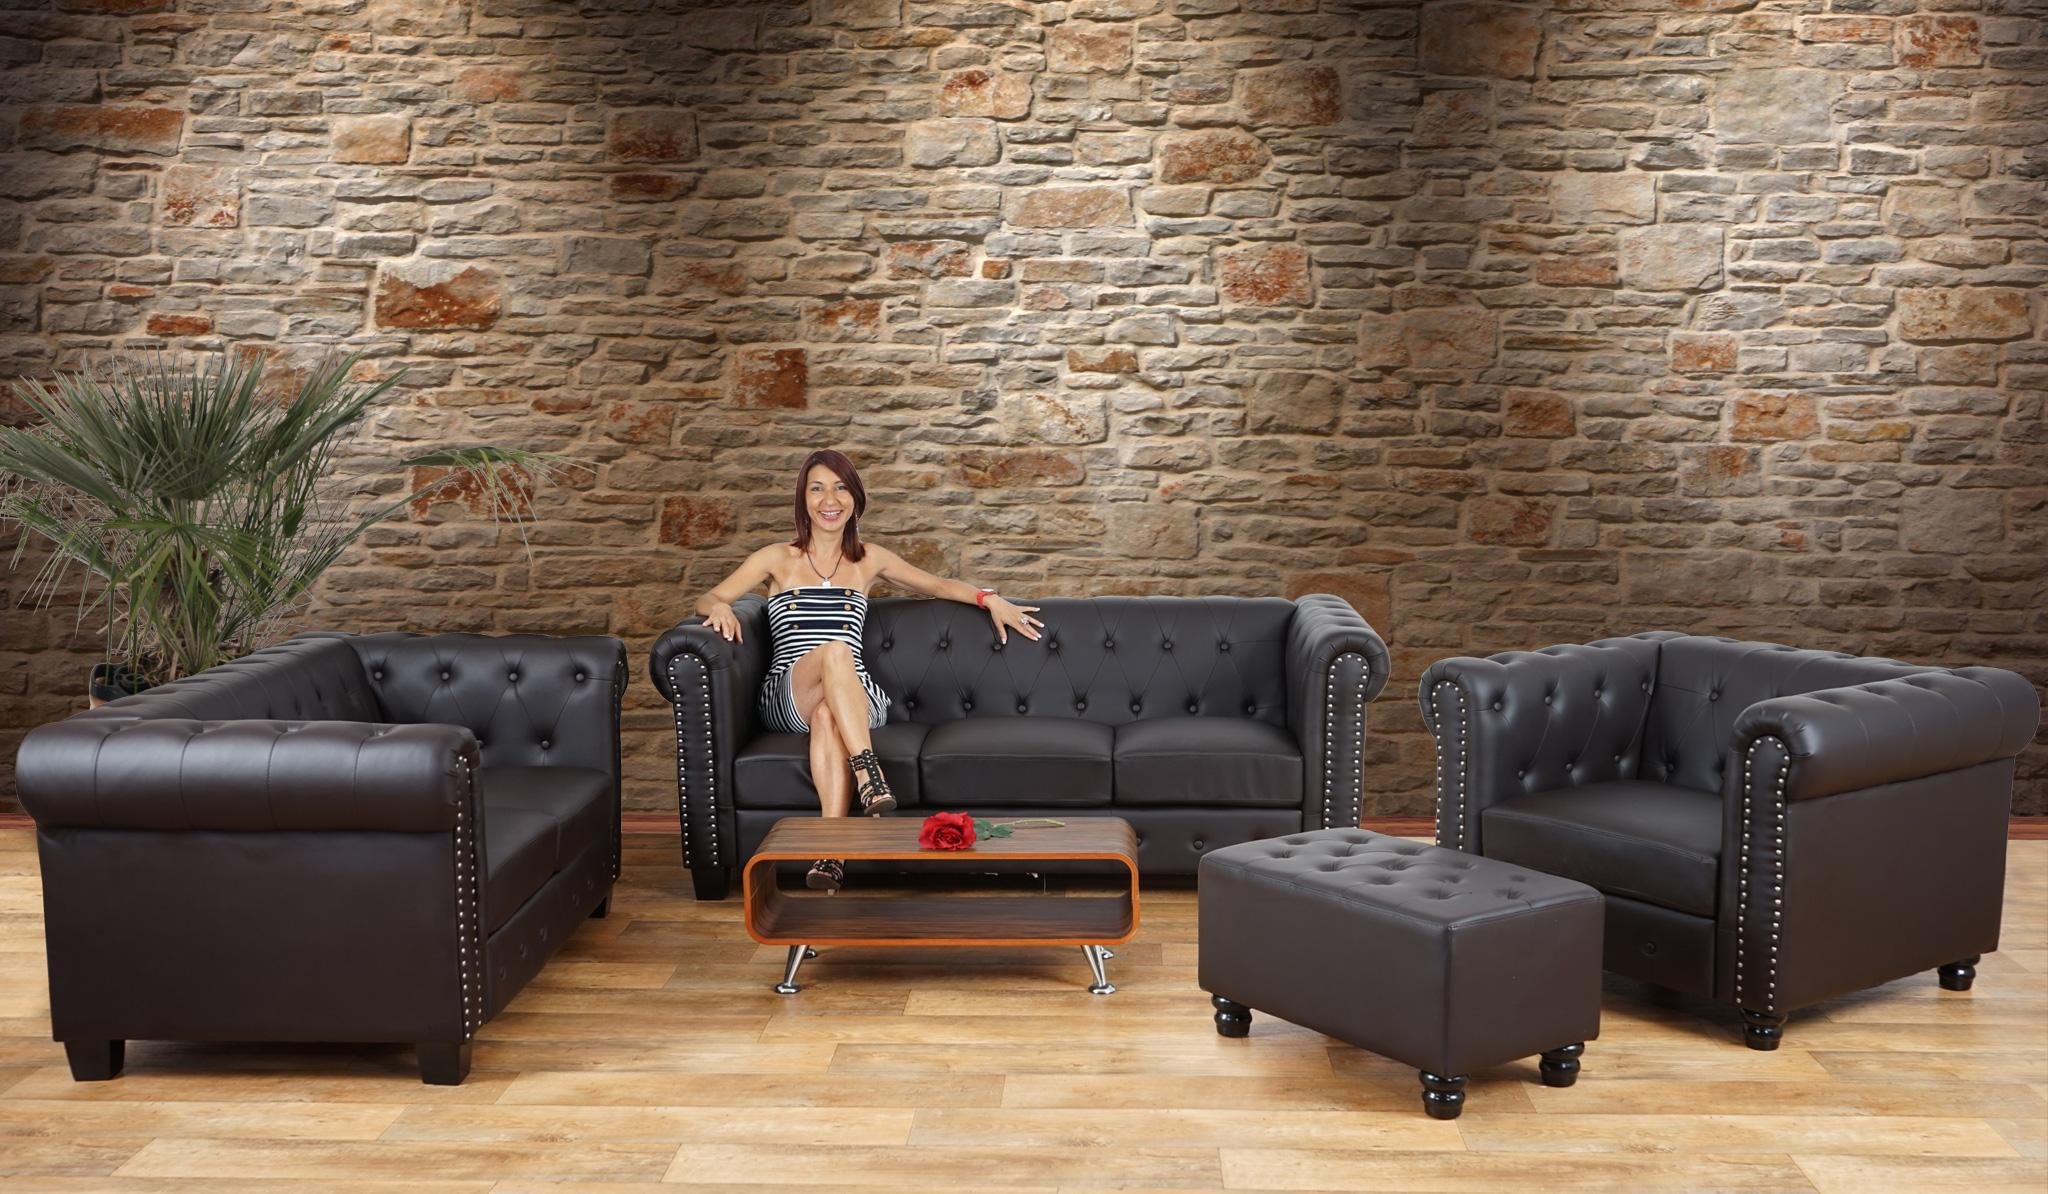 Ufficio Elegante Classico : Divano a 2 posti chester in pelle gambe quadrate nero divano a